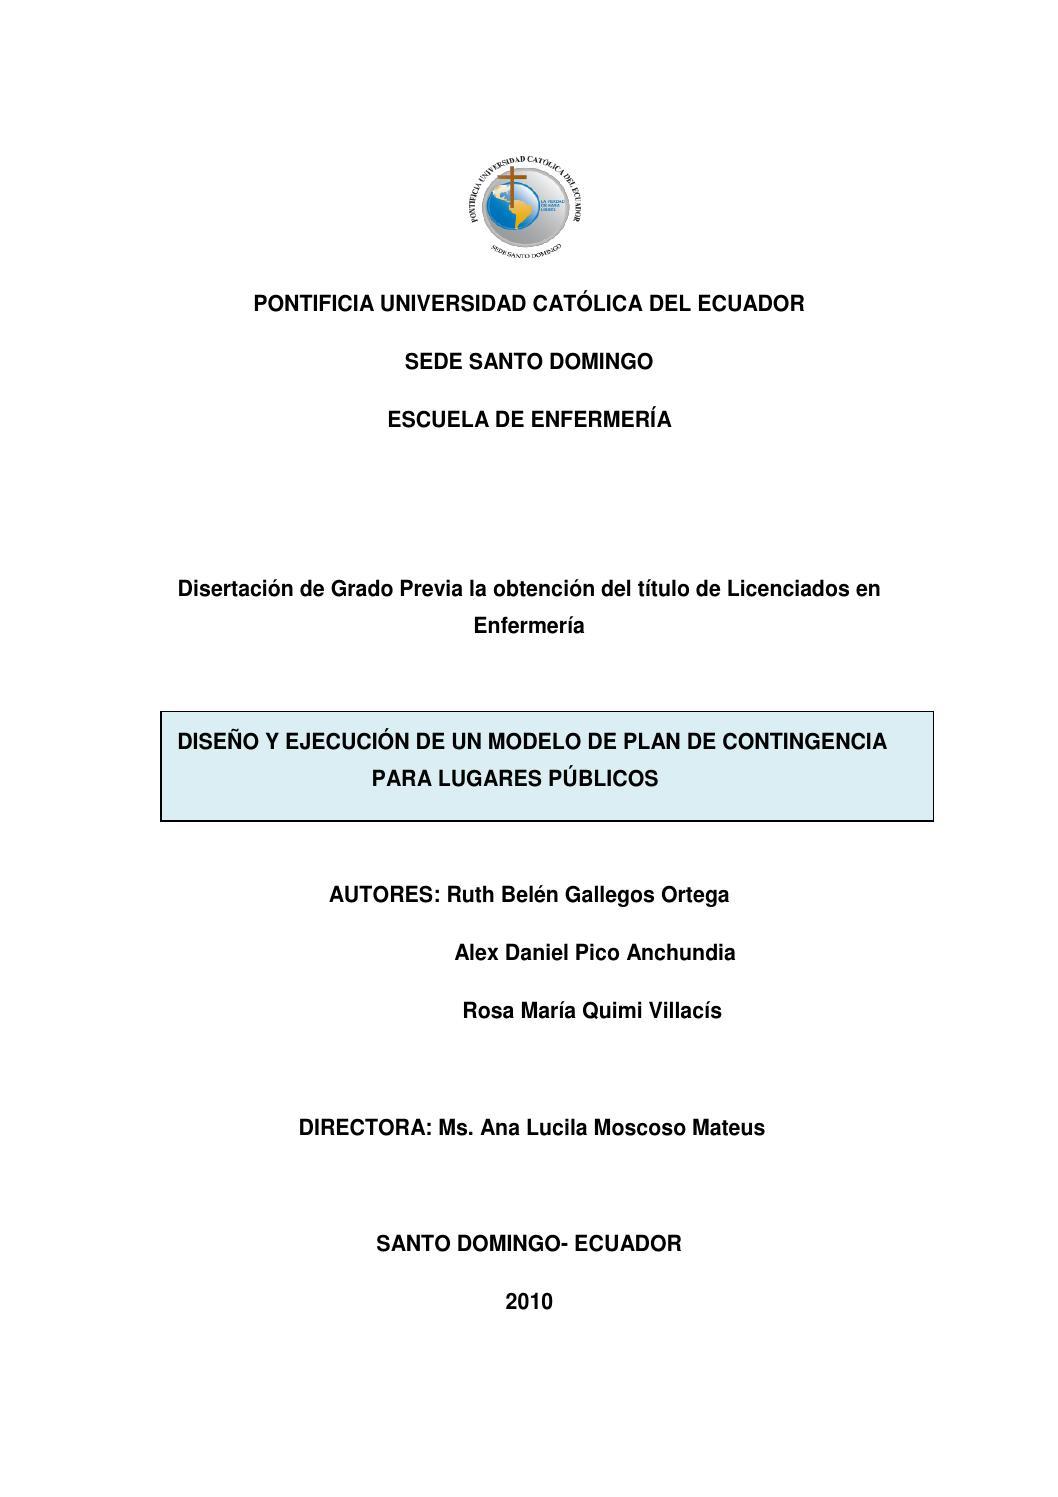 Modelo de plan de contingencia para lugares públicos by Pontificia ...